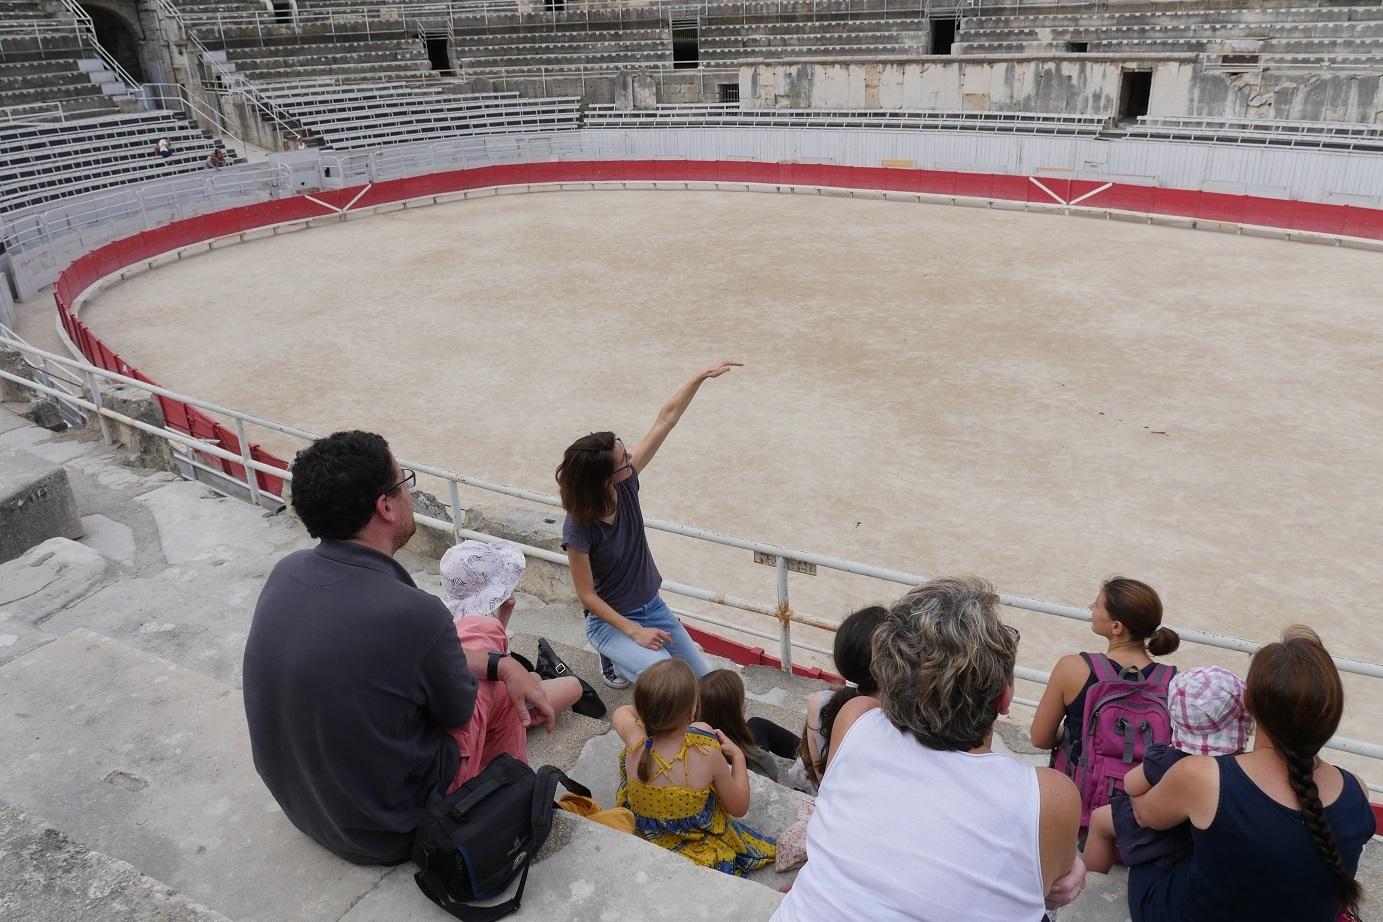 Visites guidées flash : 30 min de visite guidée pour connaître les monuments d'Arles